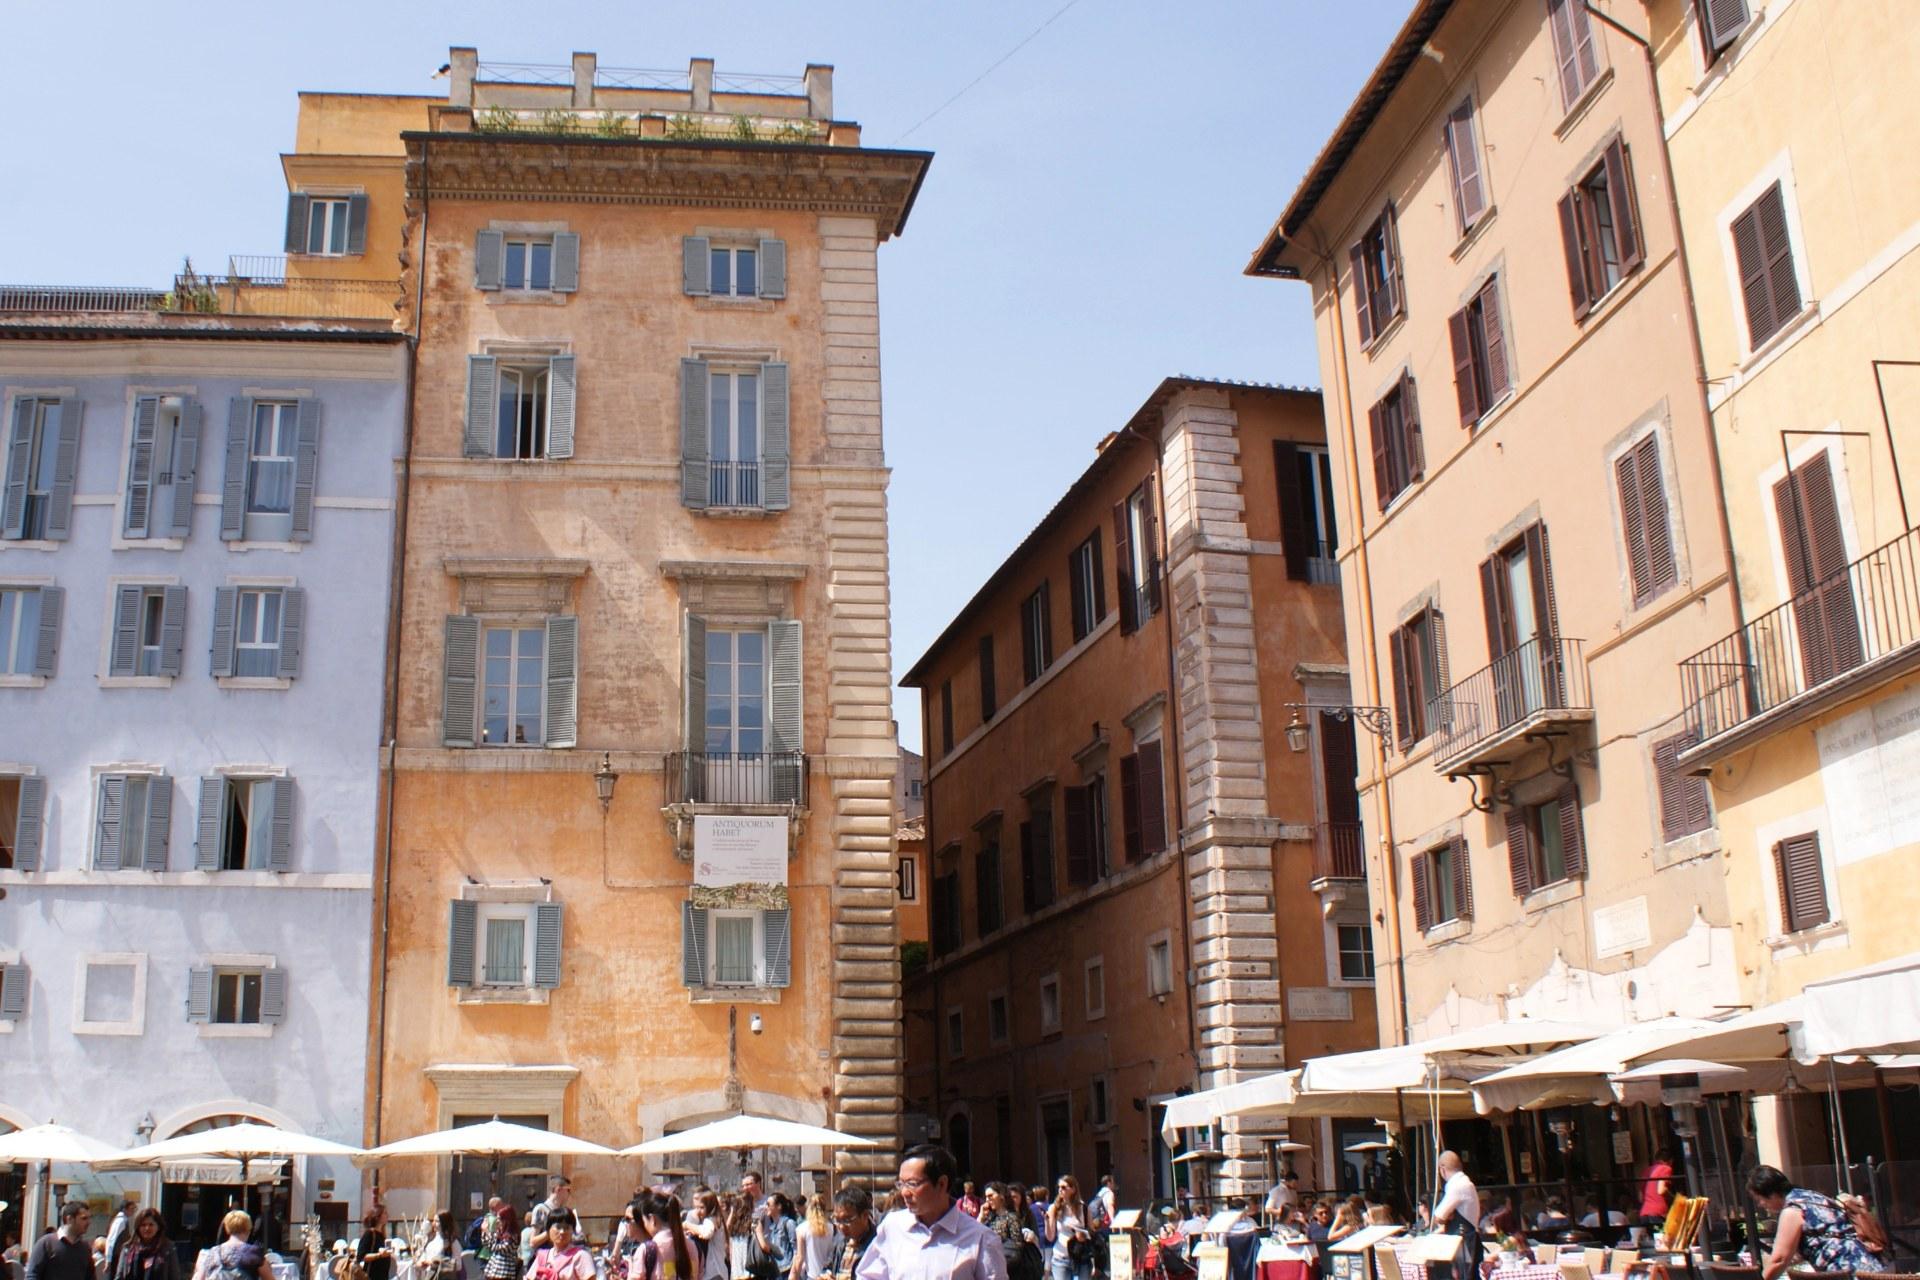 Images - Stald - Rome Printemps 2016 - 04:06 - 10